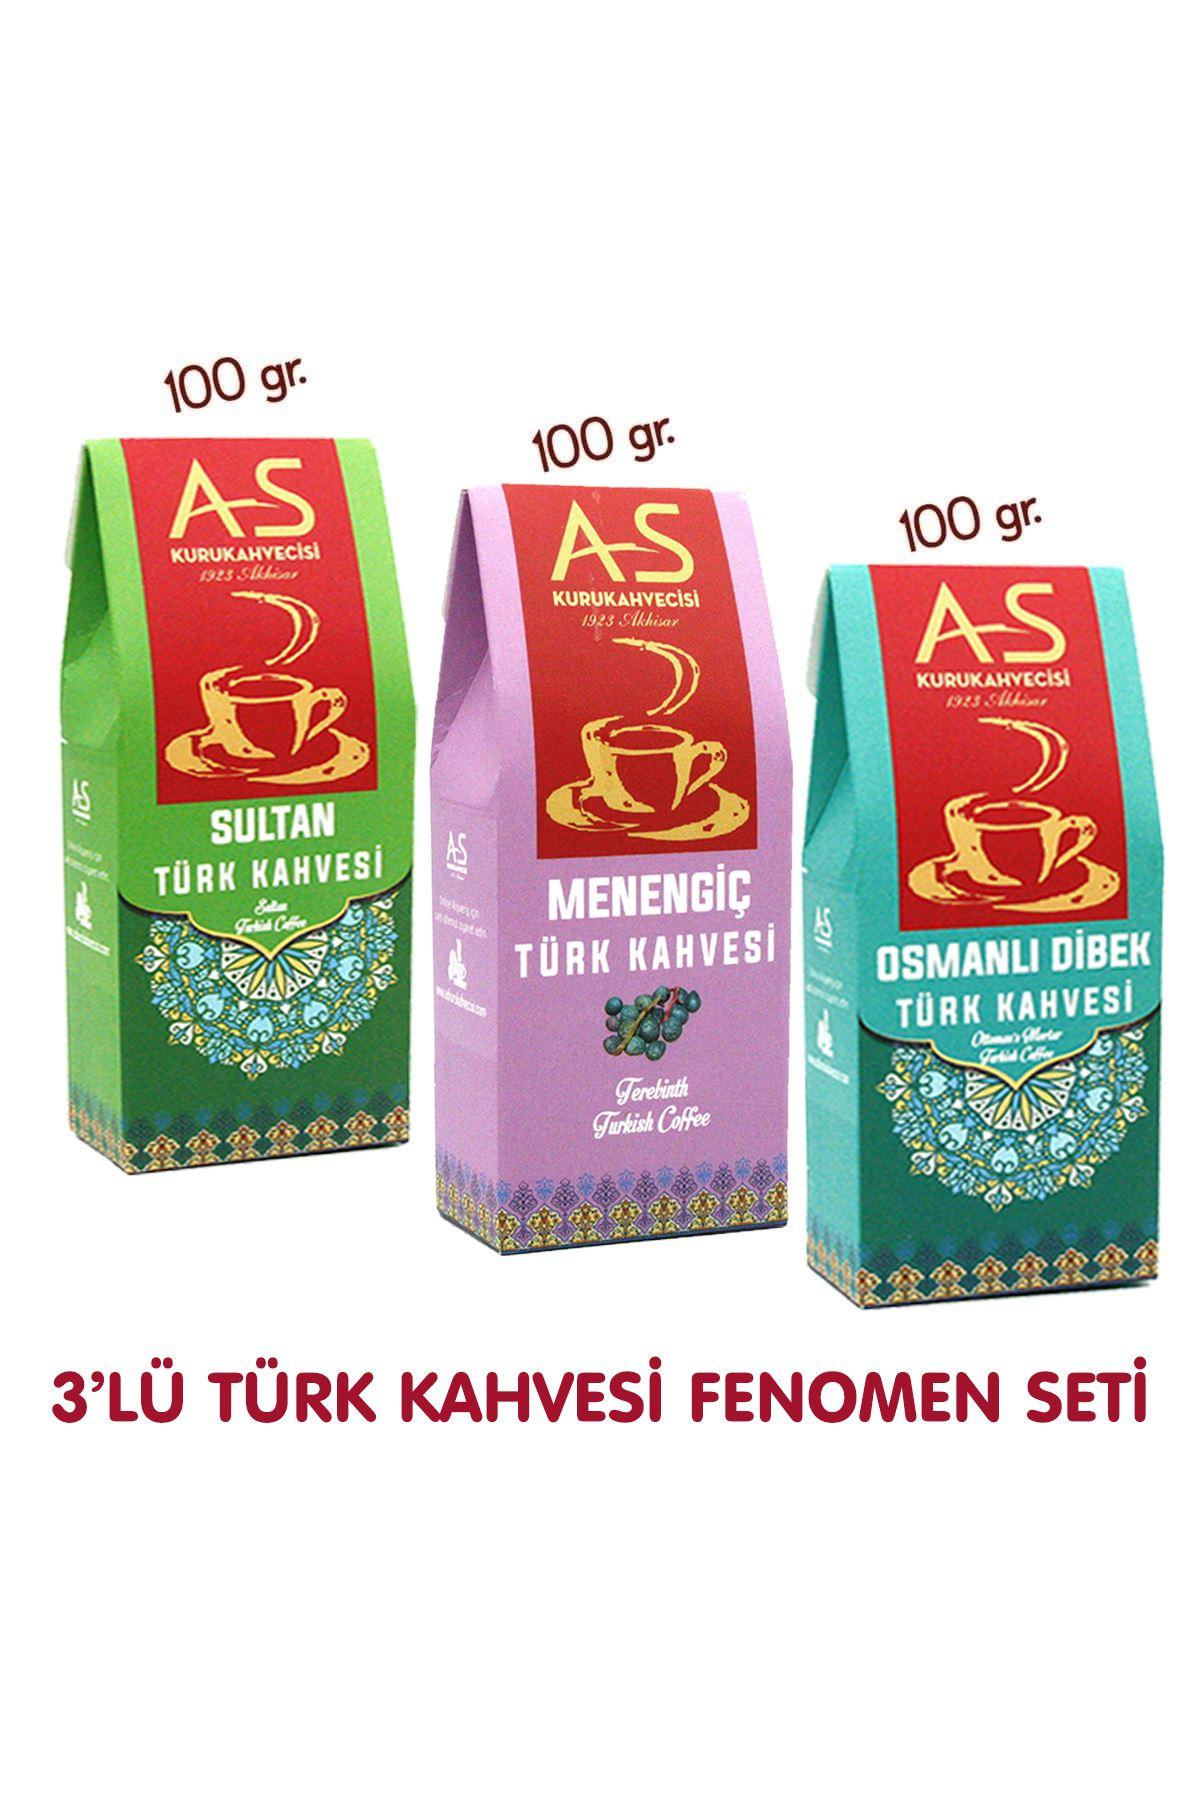 3'lü Türk Kahvesi Fenomen Seti (Sultan,Menengiç,Dibek)